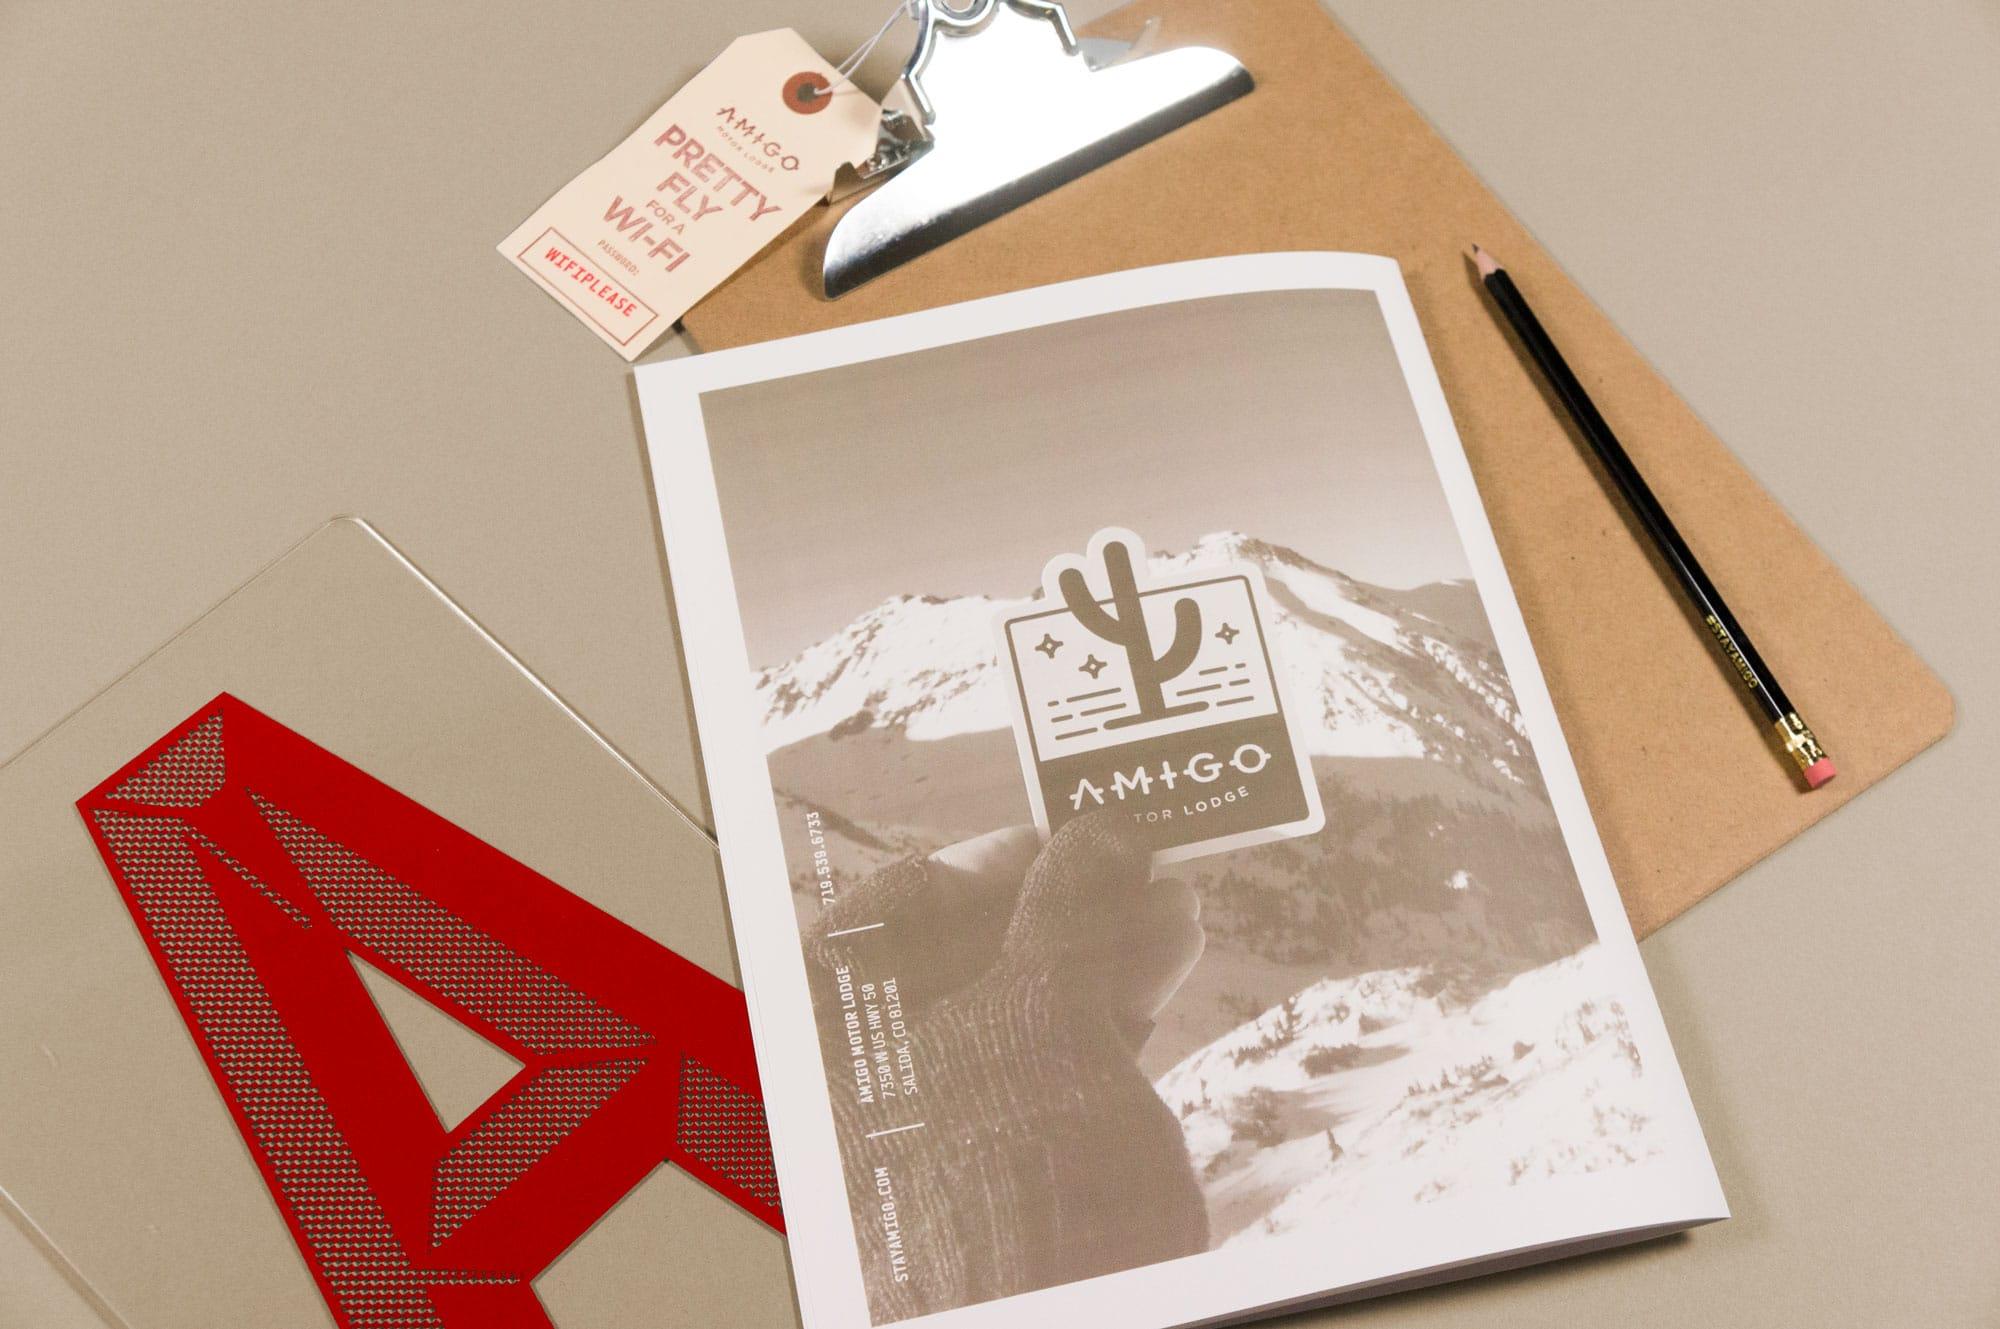 Amigo motor lodge caliber creative branding digital for Amigo motor lodge salida